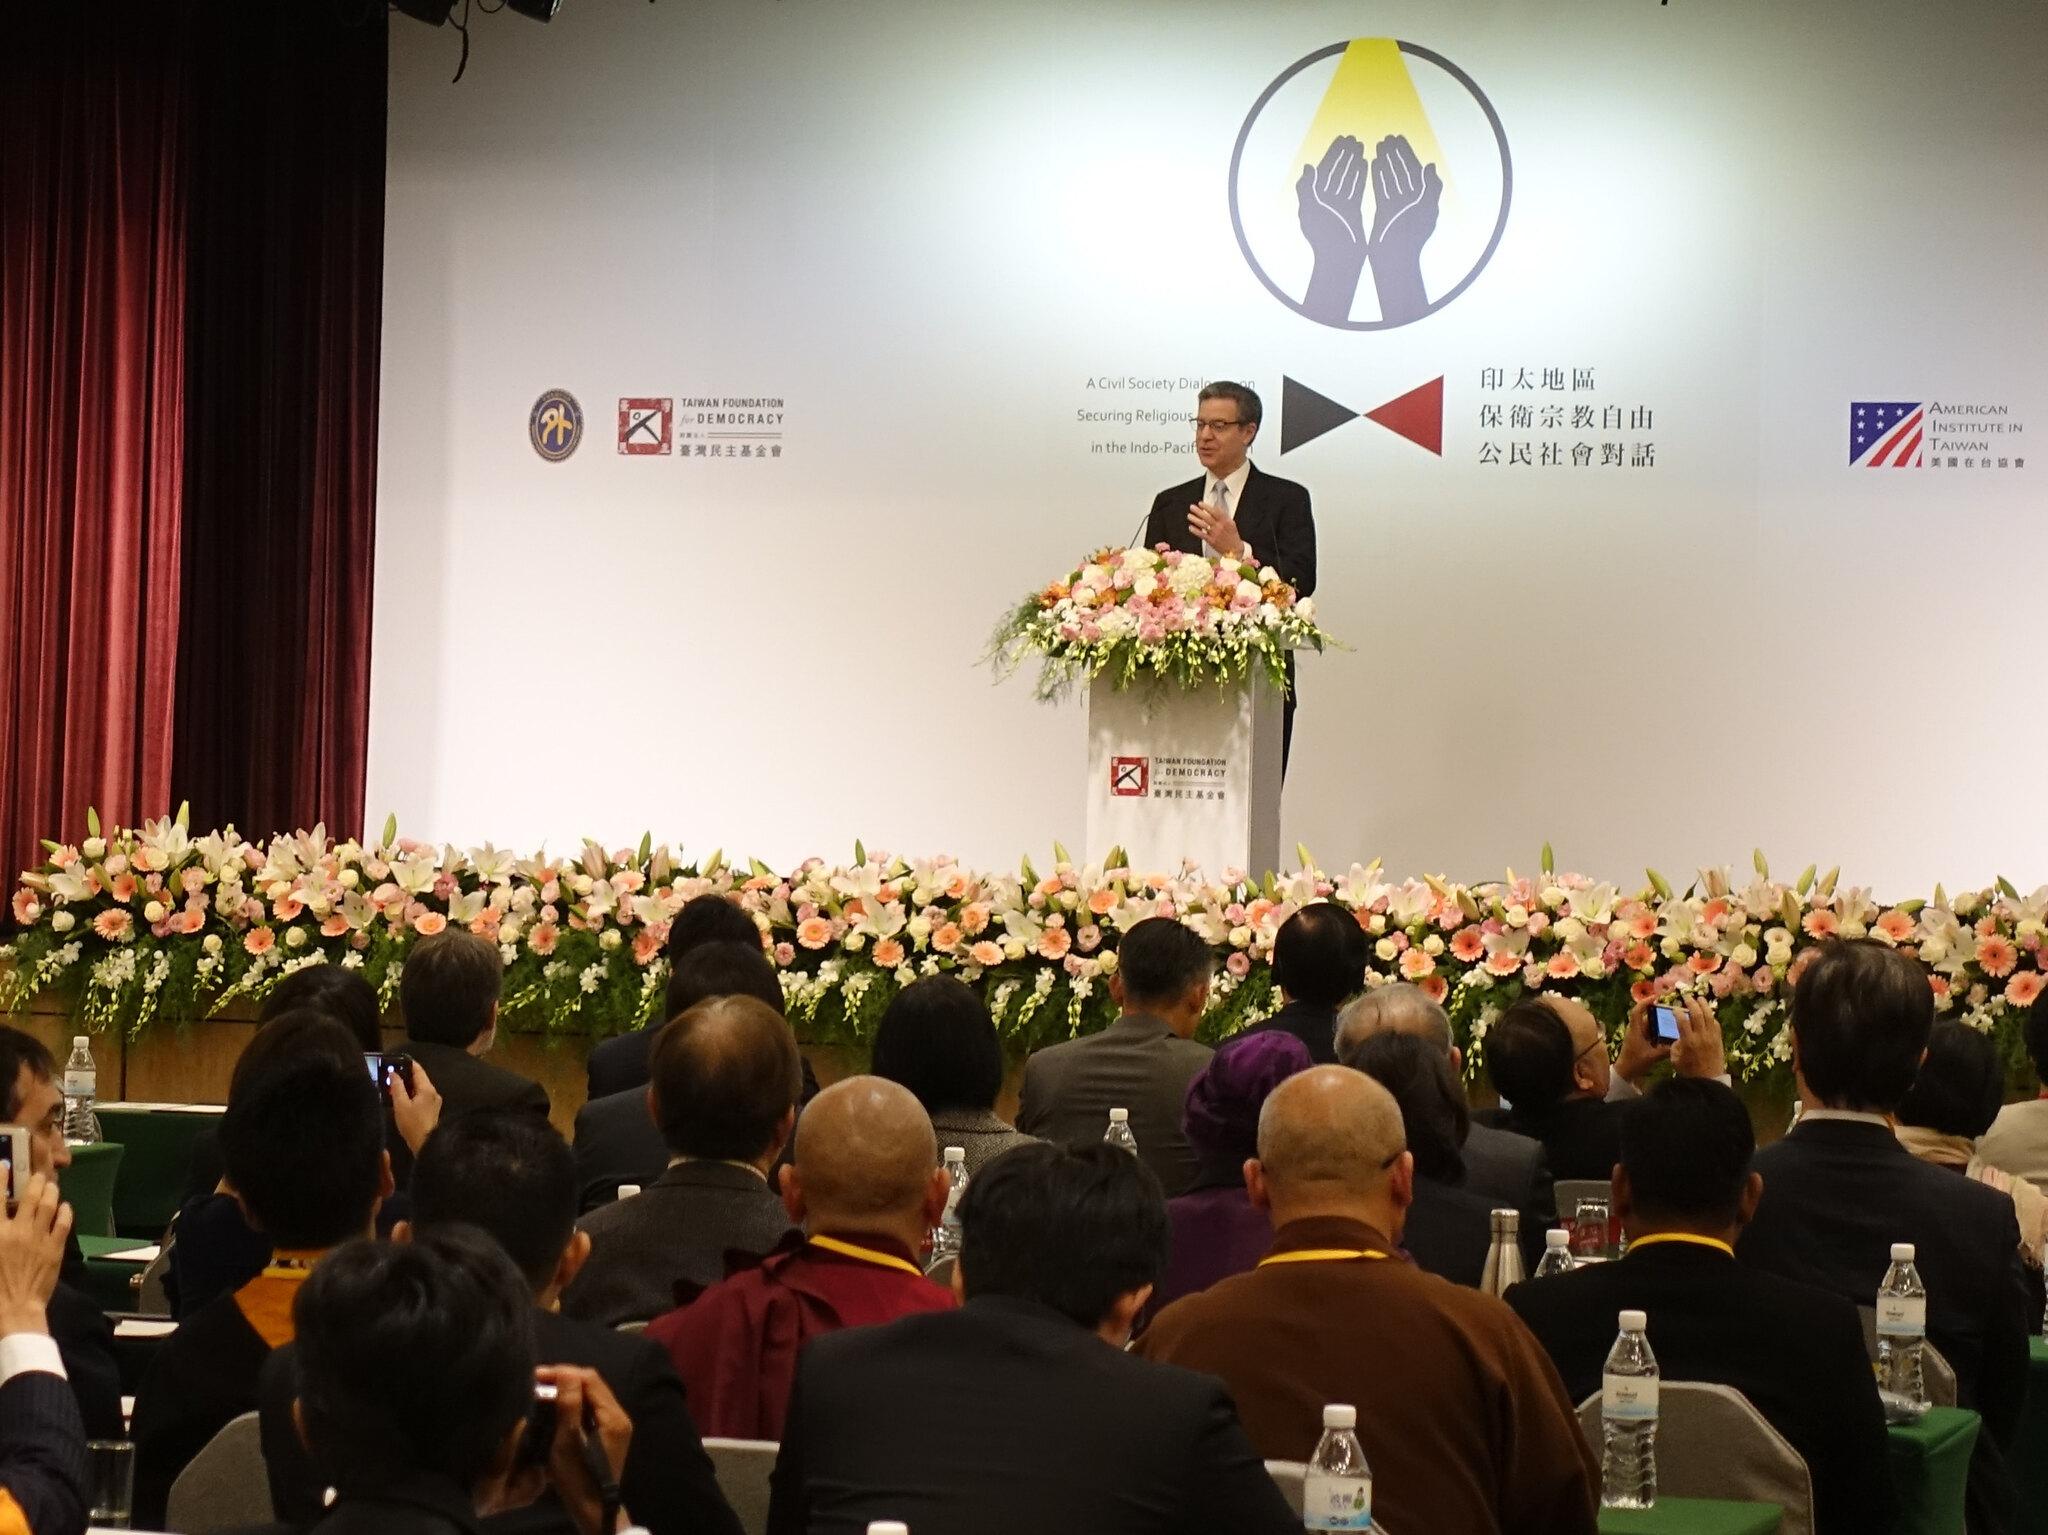 美國宗教自由無任所大使的鷹派政治人物布朗巴克來台出席「印太區域保衛宗教自由公民社會對話」。(攝影:張智琦)